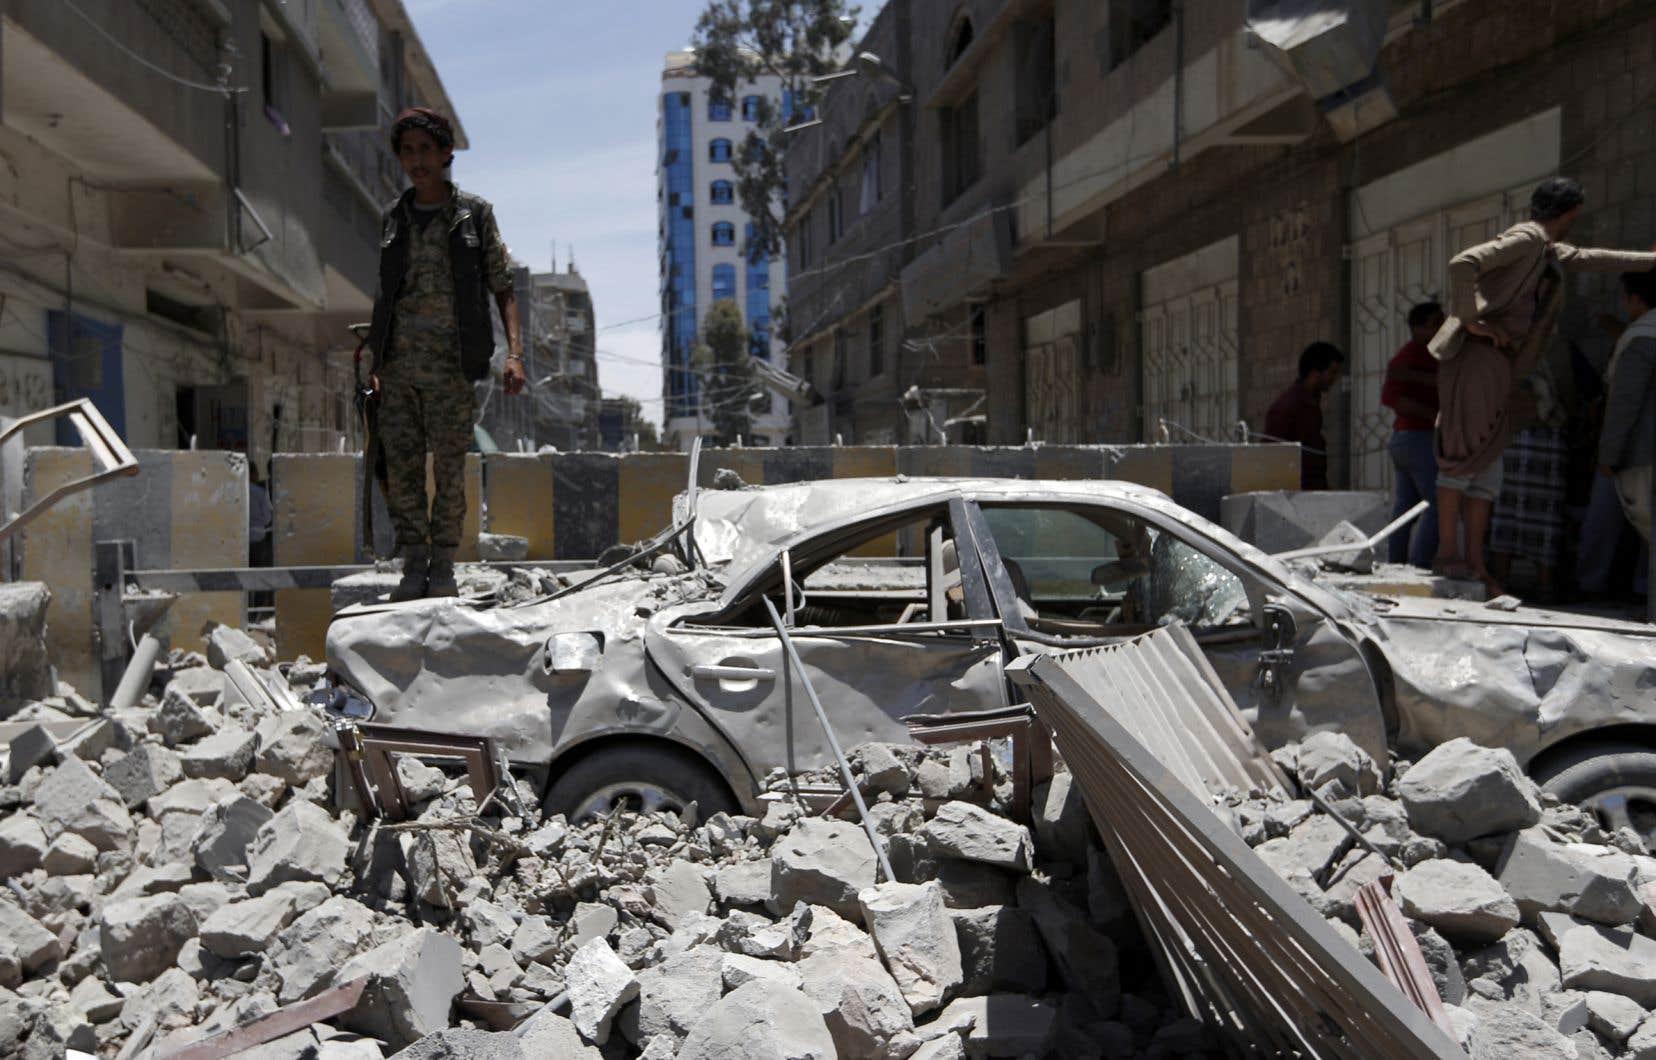 Les bureaux de la présidence yéménite, utilisés par les rebelles Houthis dans le centre de la capitale Sanaa, ont été ciblés par les frappes.